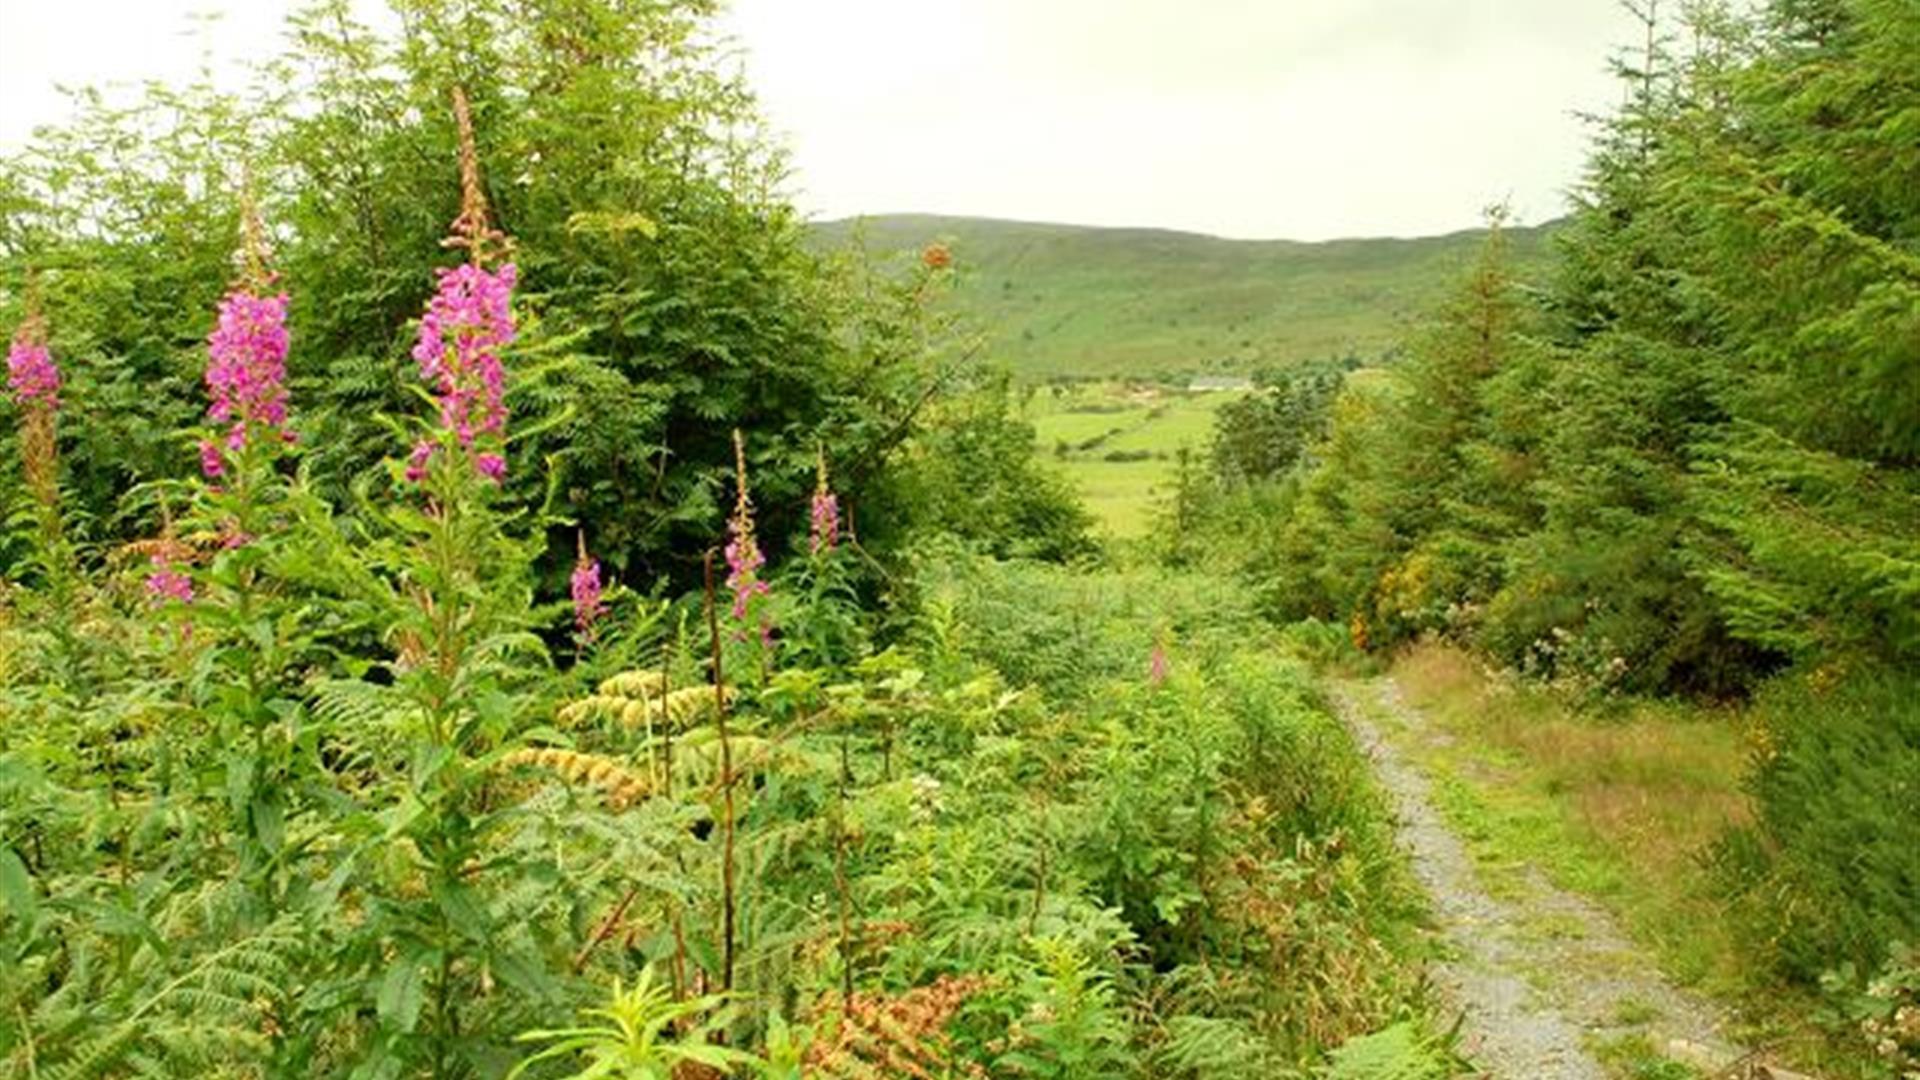 Drumkeeragh Forest Park